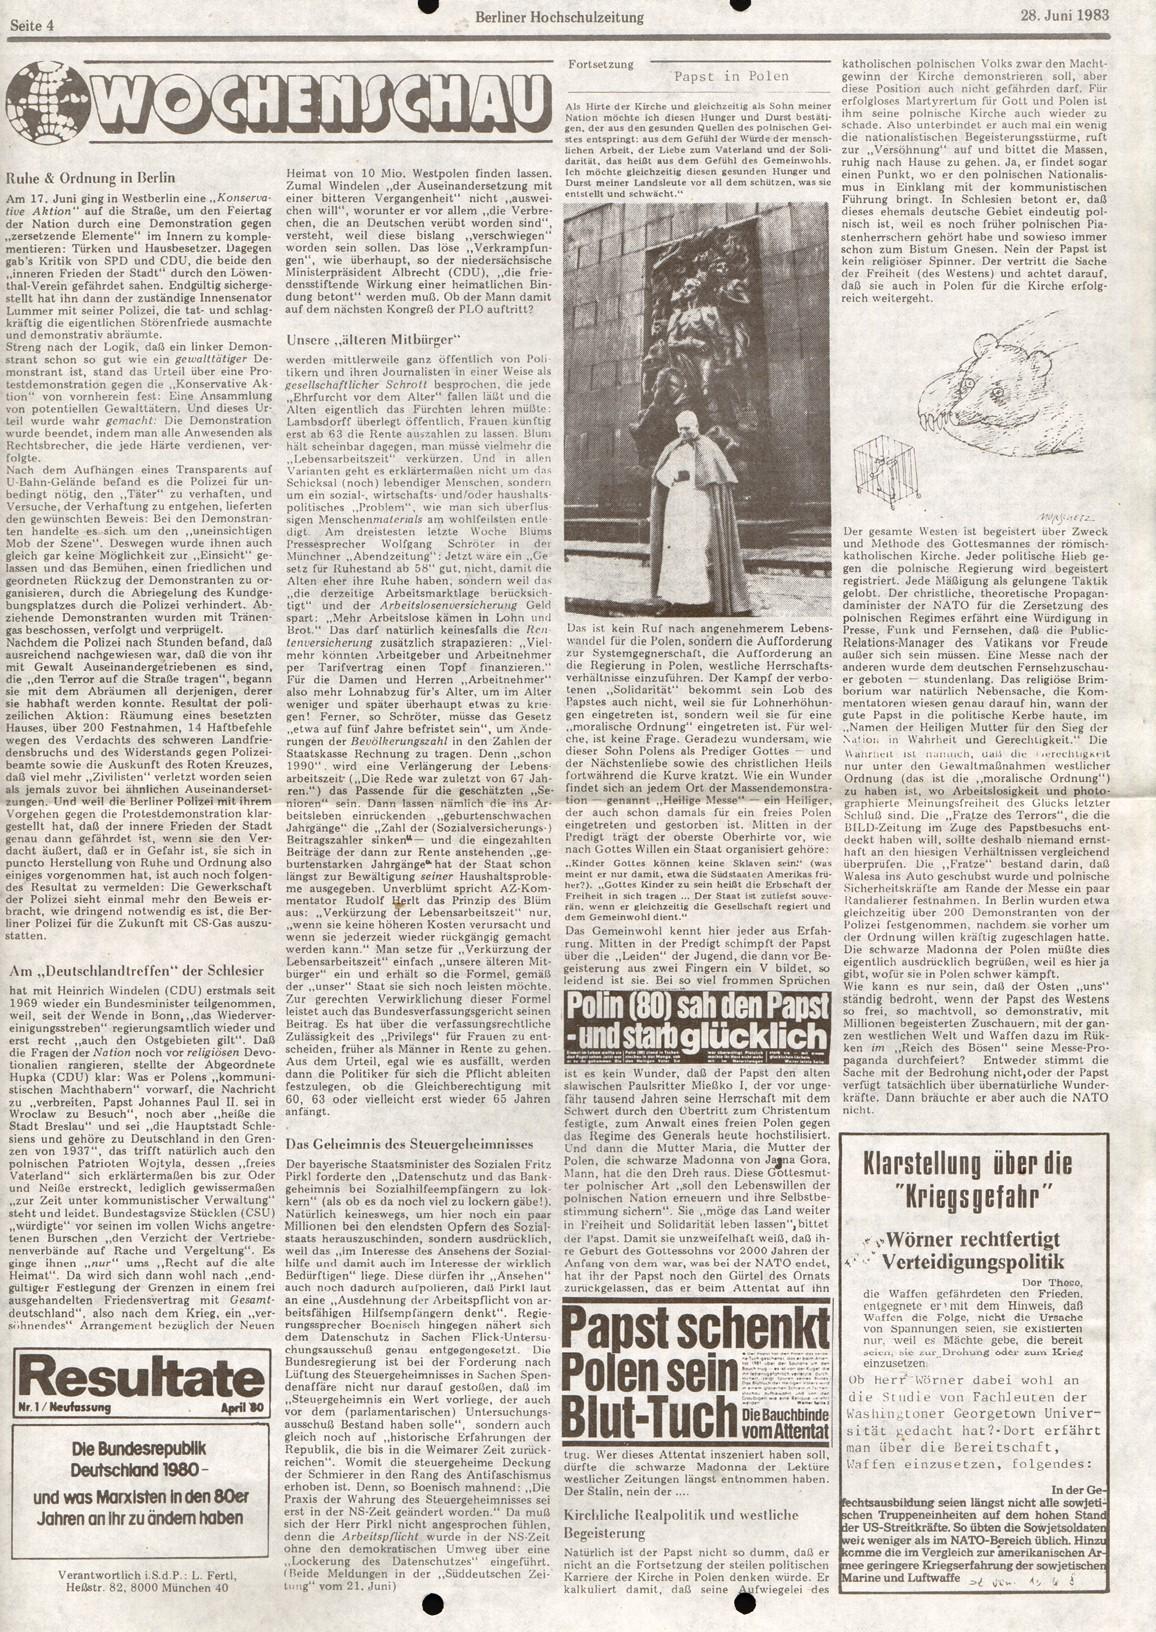 Berlin_MG_Hochschulzeitung_19830628_04